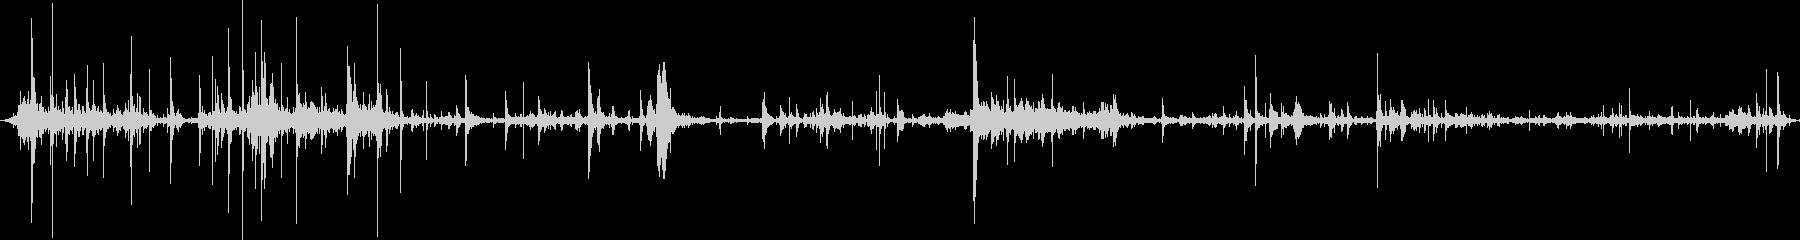 自動ボディメタルのカチカチ音をたて...の未再生の波形